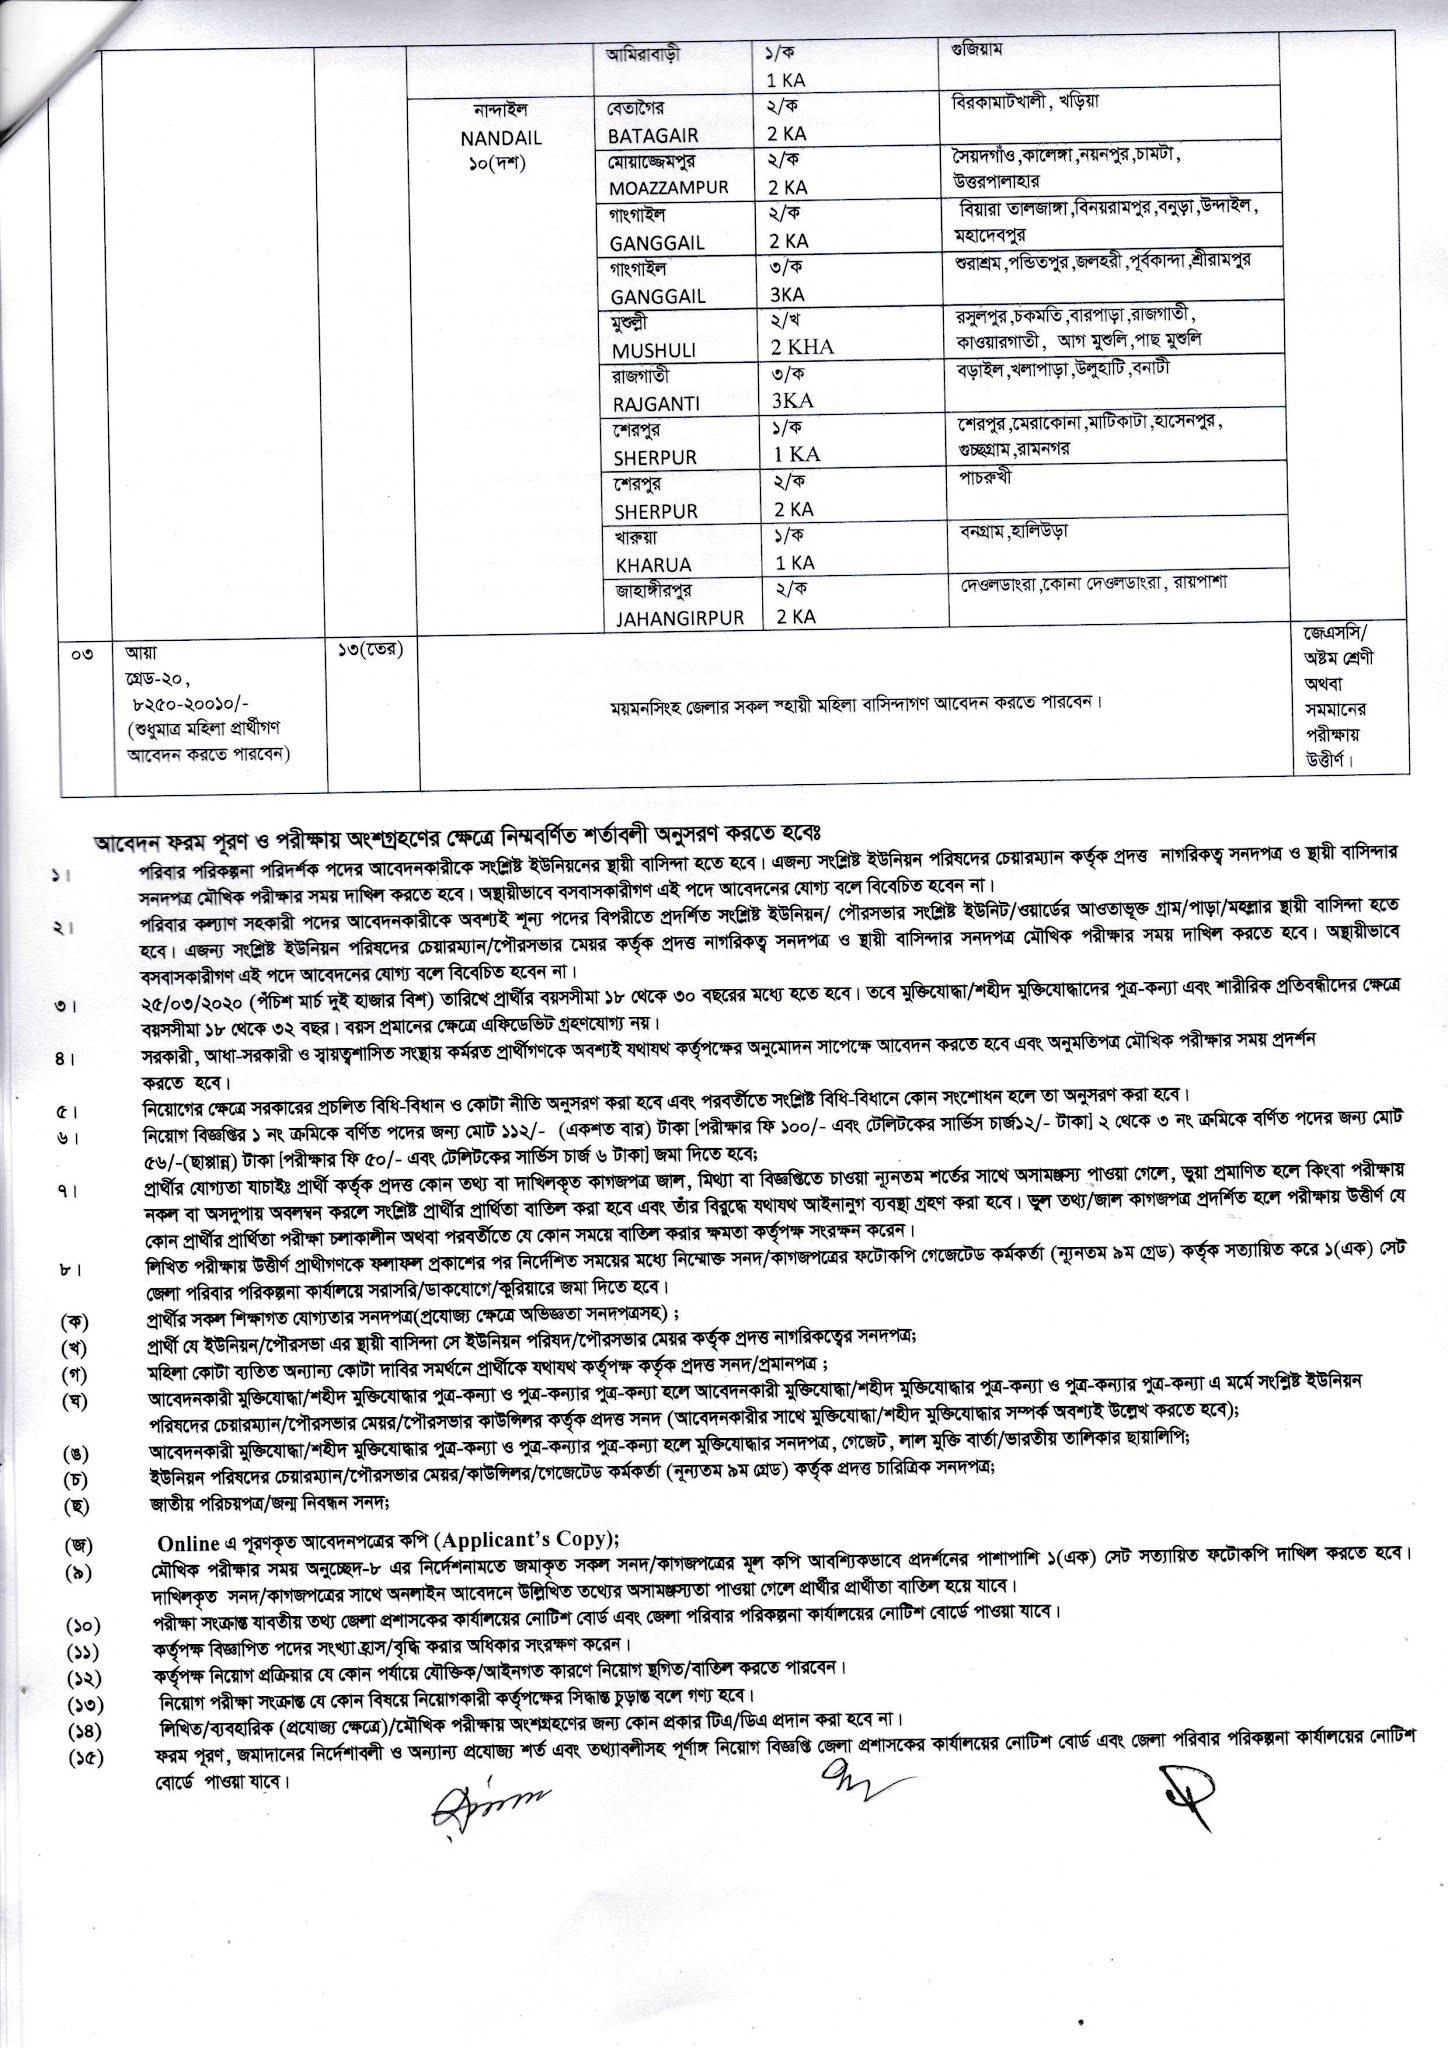 ময়মনসিংহপরিবার পরিকল্পনা নিয়োগবিজ্ঞপ্তি 2021